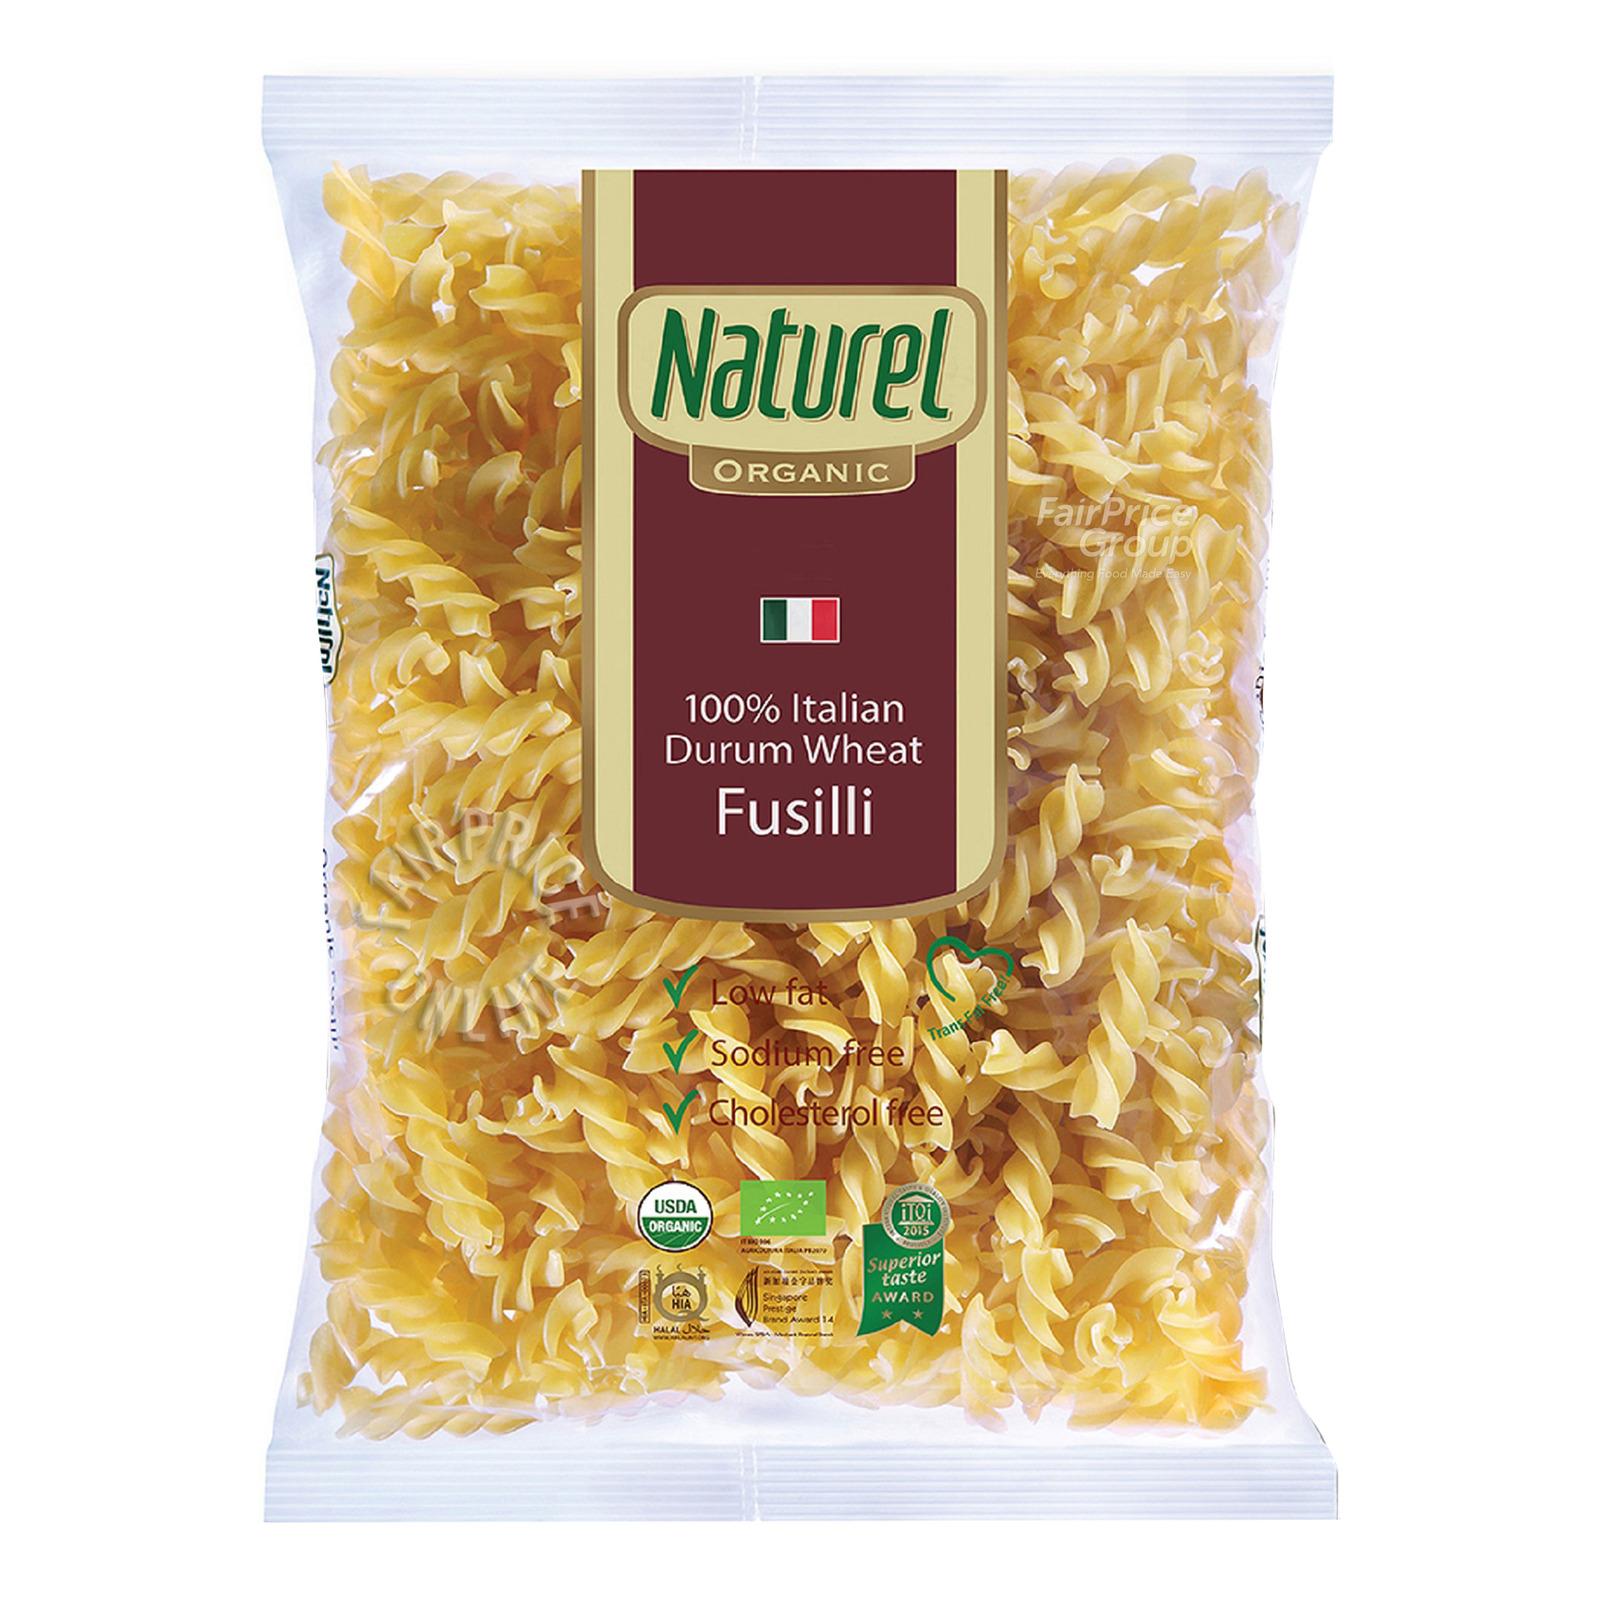 NATUREL Organic Durum Wheat Fusilli 500g